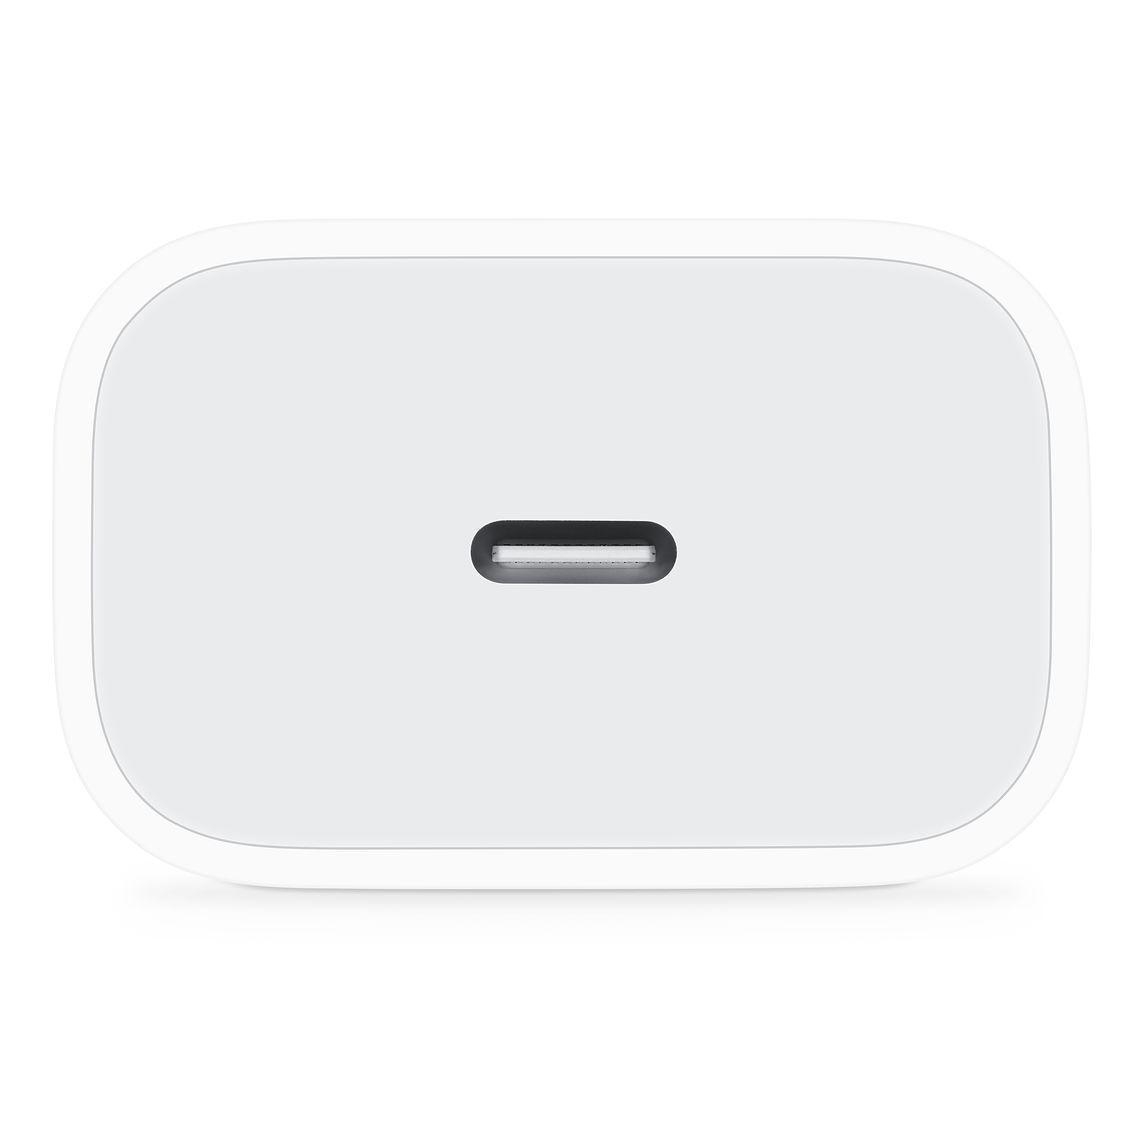 Аксессуары для iPhone 12: что входит в комплект и что нужно покупать (MU7T2 AV2 GEO US)